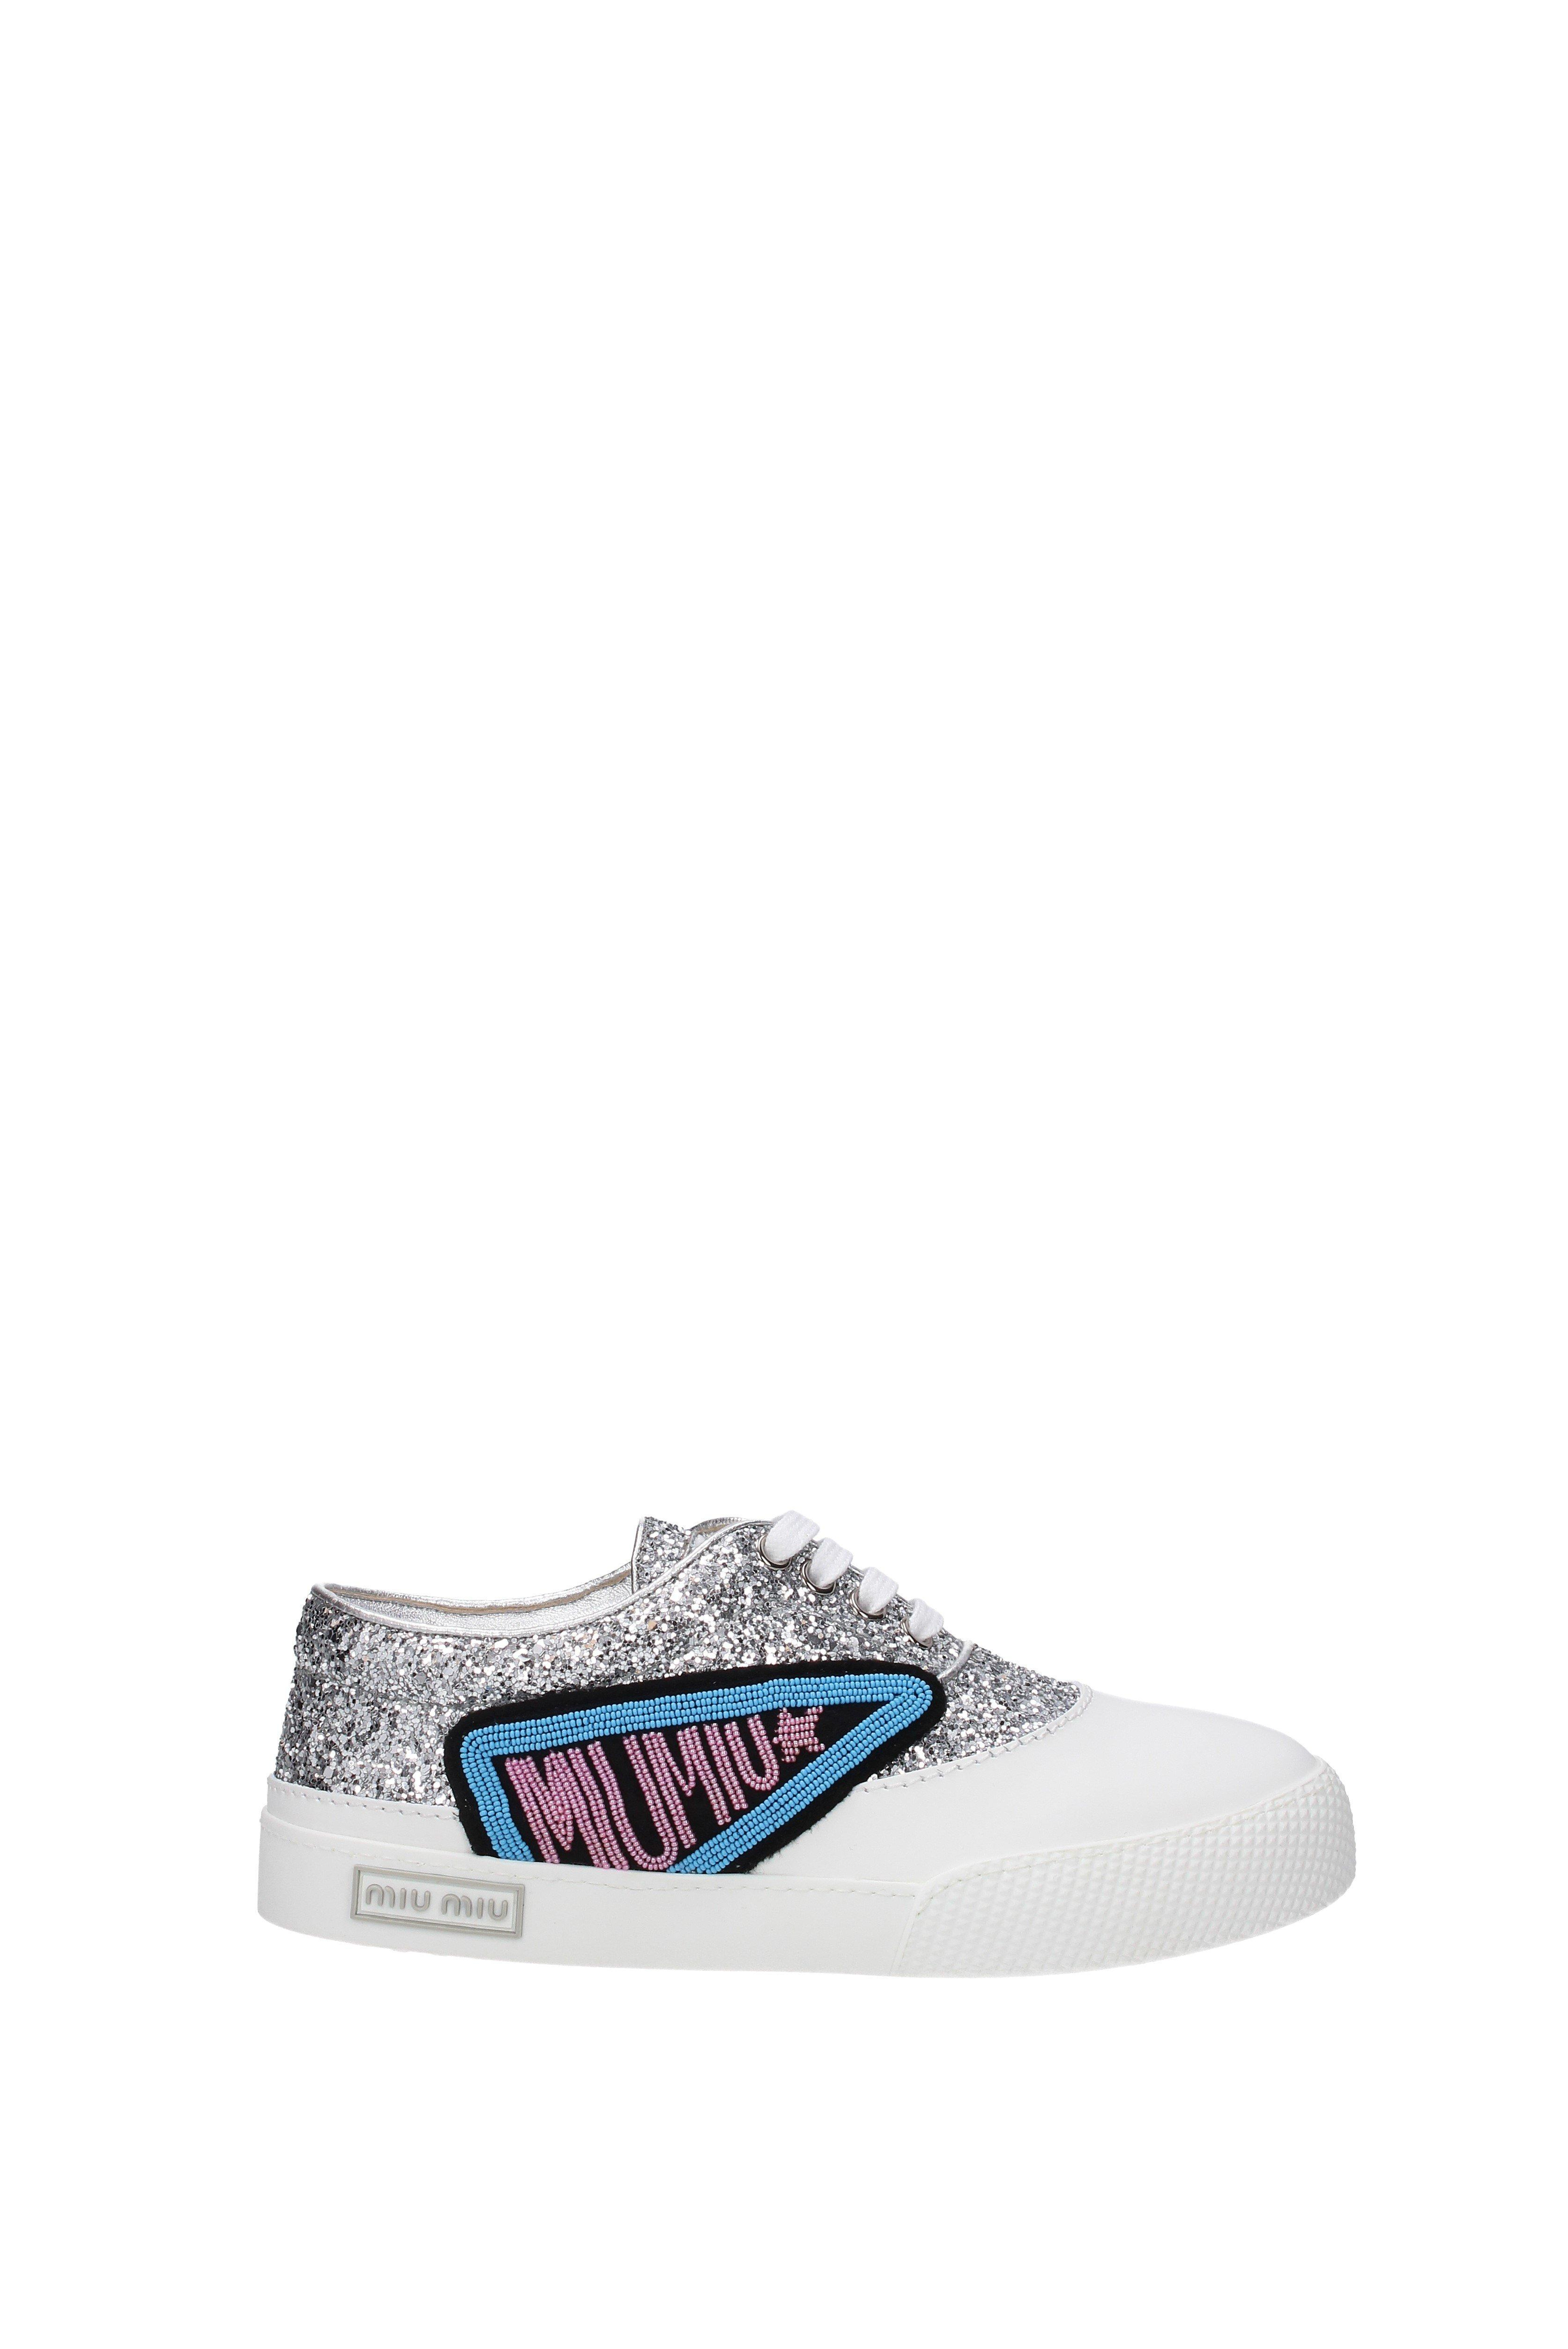 ff88922f57c Lyst - Miu Miu Sneakers Women Silver in Metallic